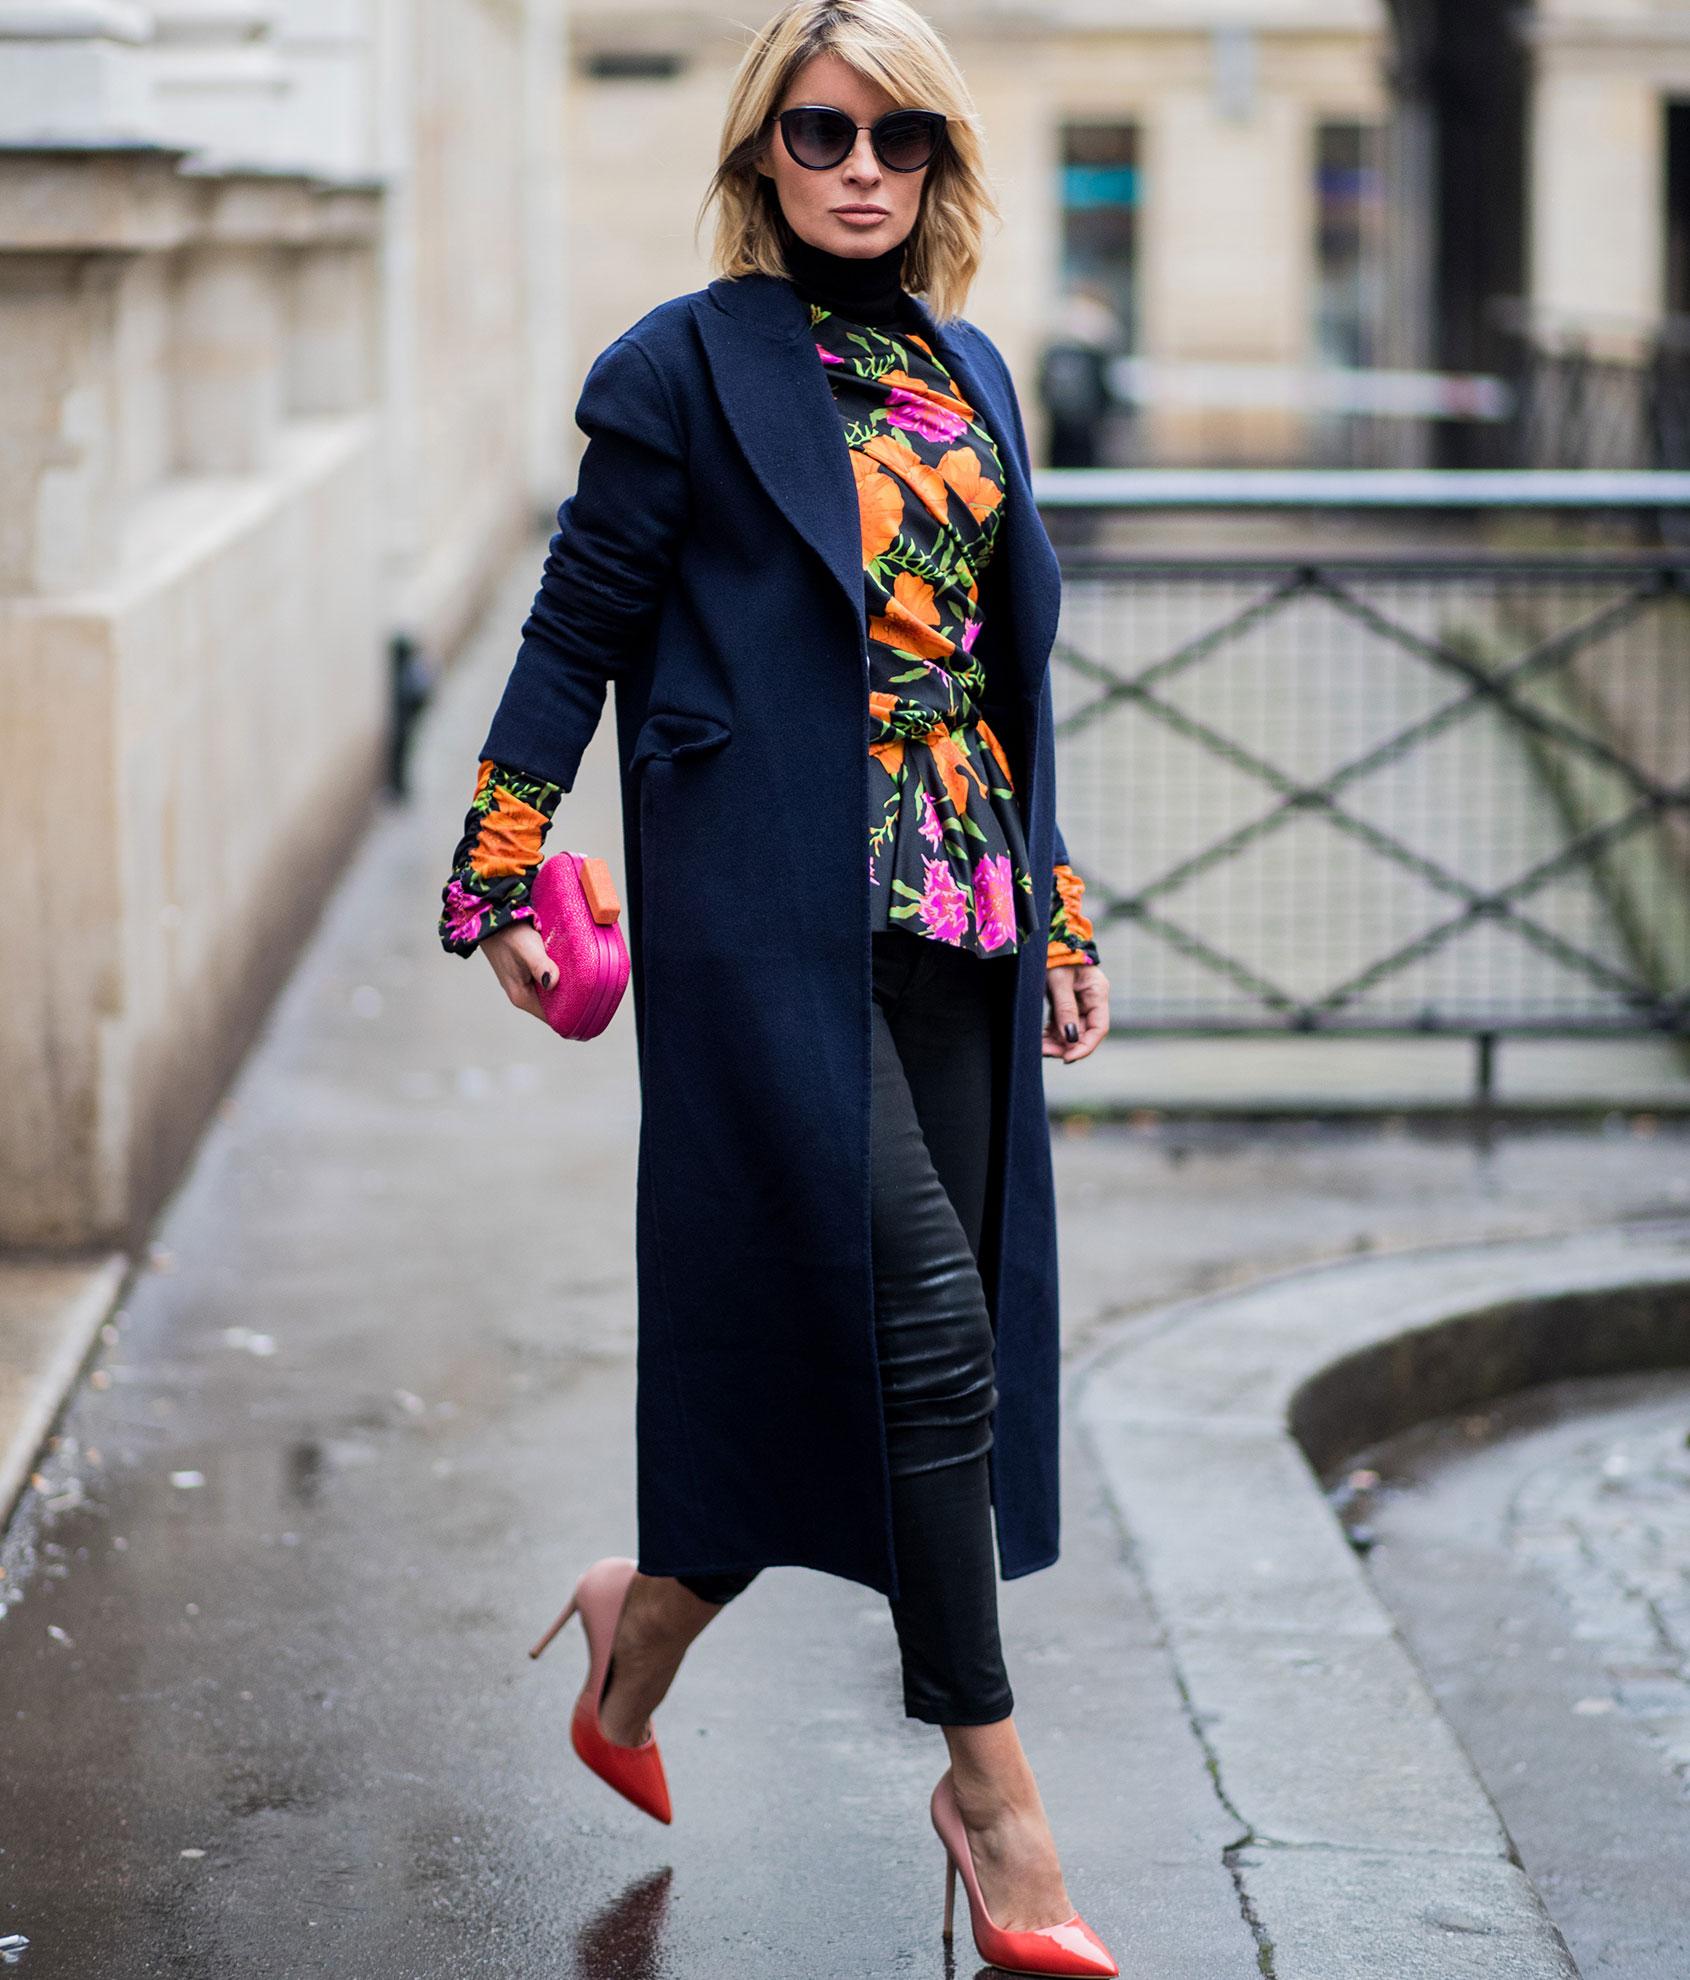 Street Style Inspiration: Trending Denim Brand Looks | JONES